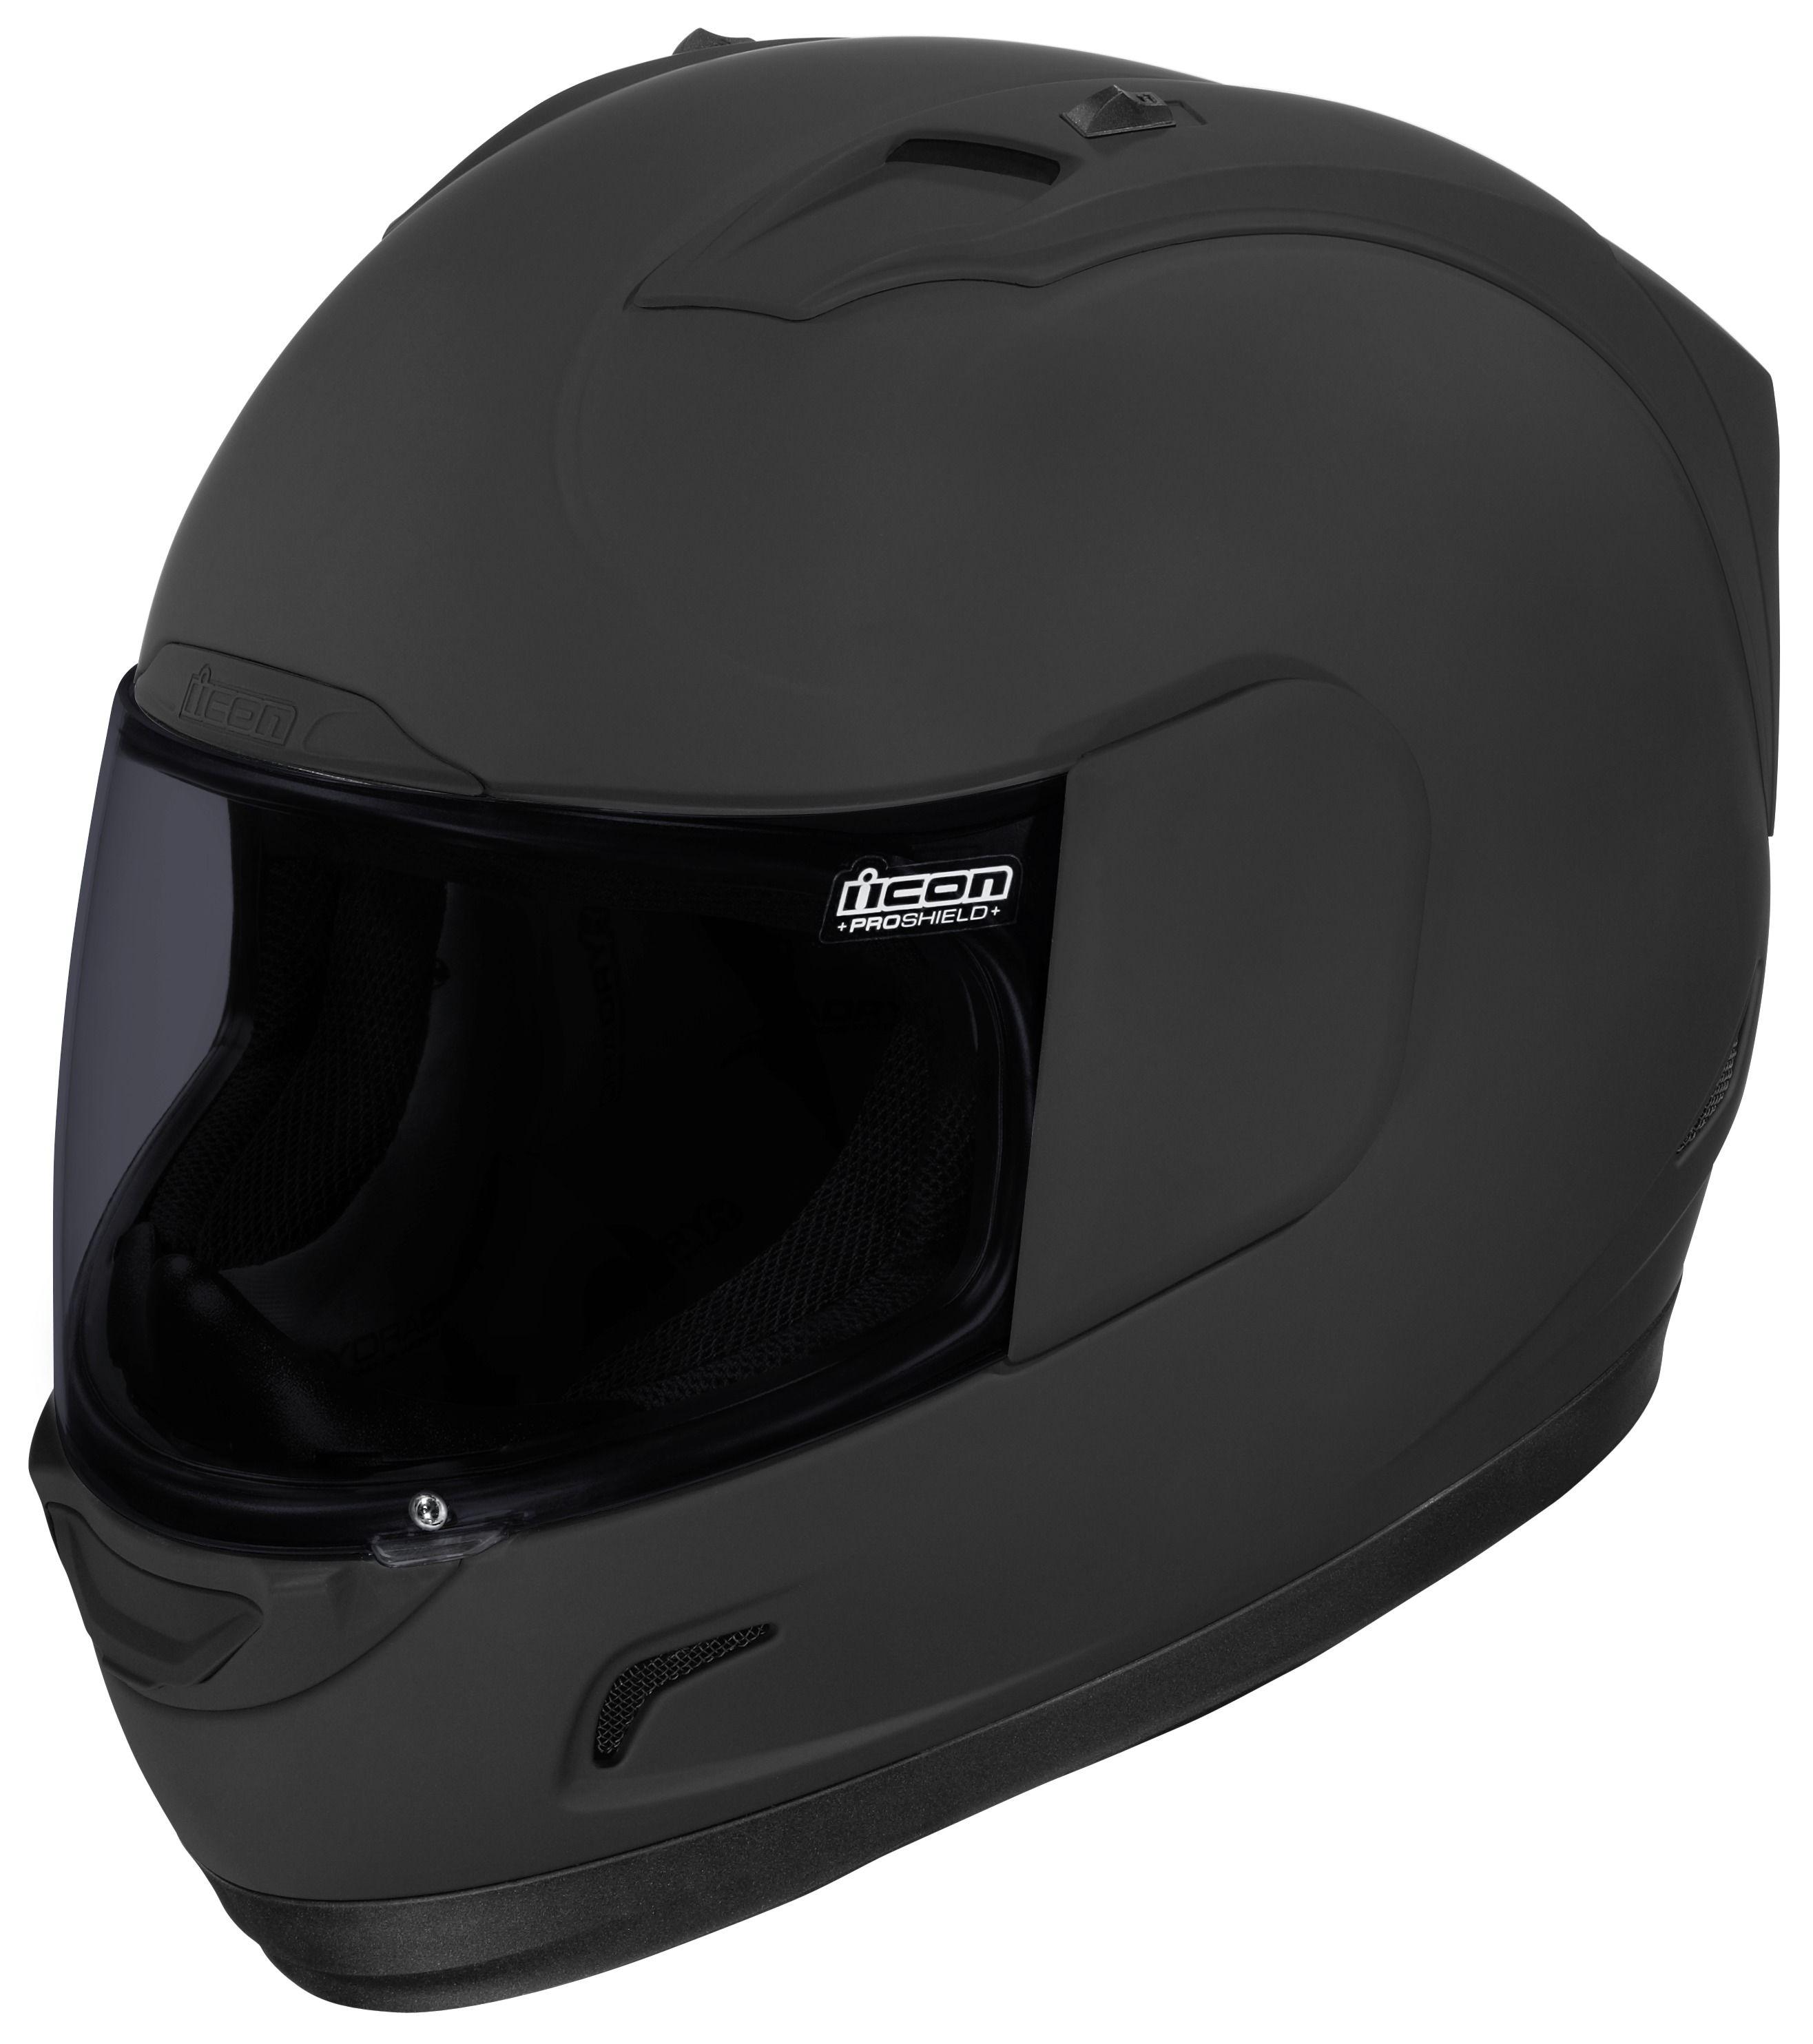 c1d994f215dd7 Icon Alliance Dark Helmet - Cycle Gear